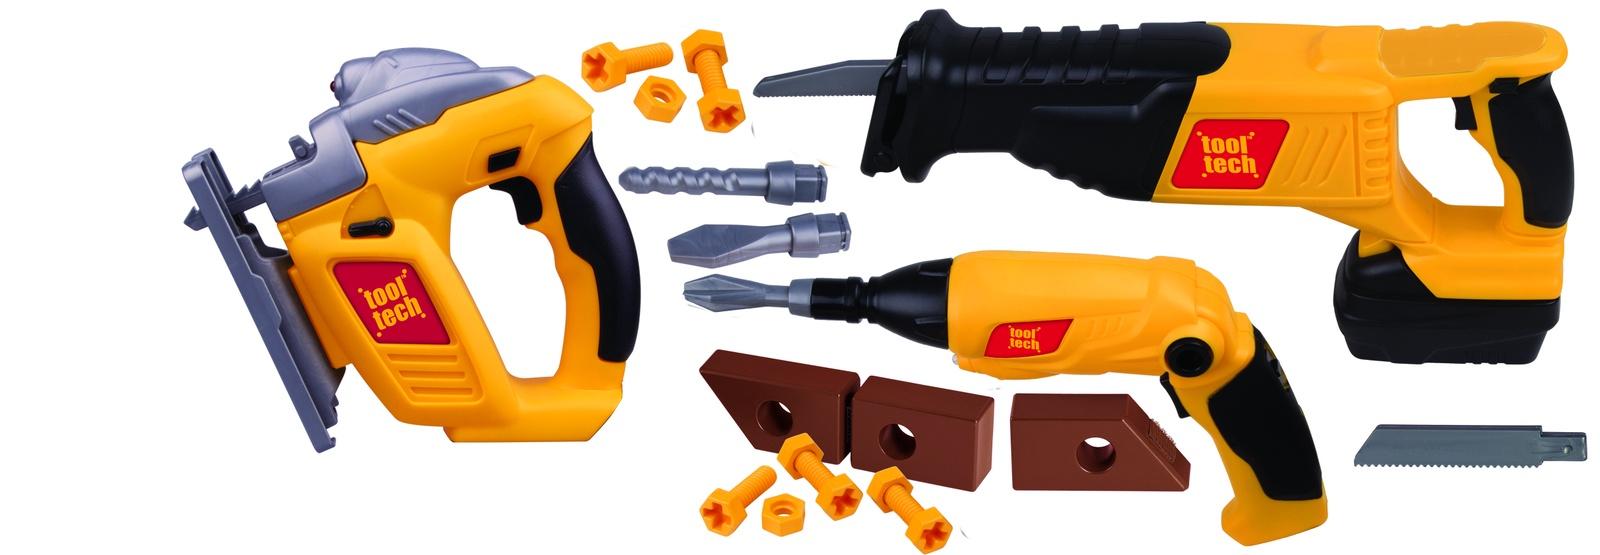 Сюжетно-ролевые игрушки Red Box Toy Factory Ltd. 65182 черный, желтый